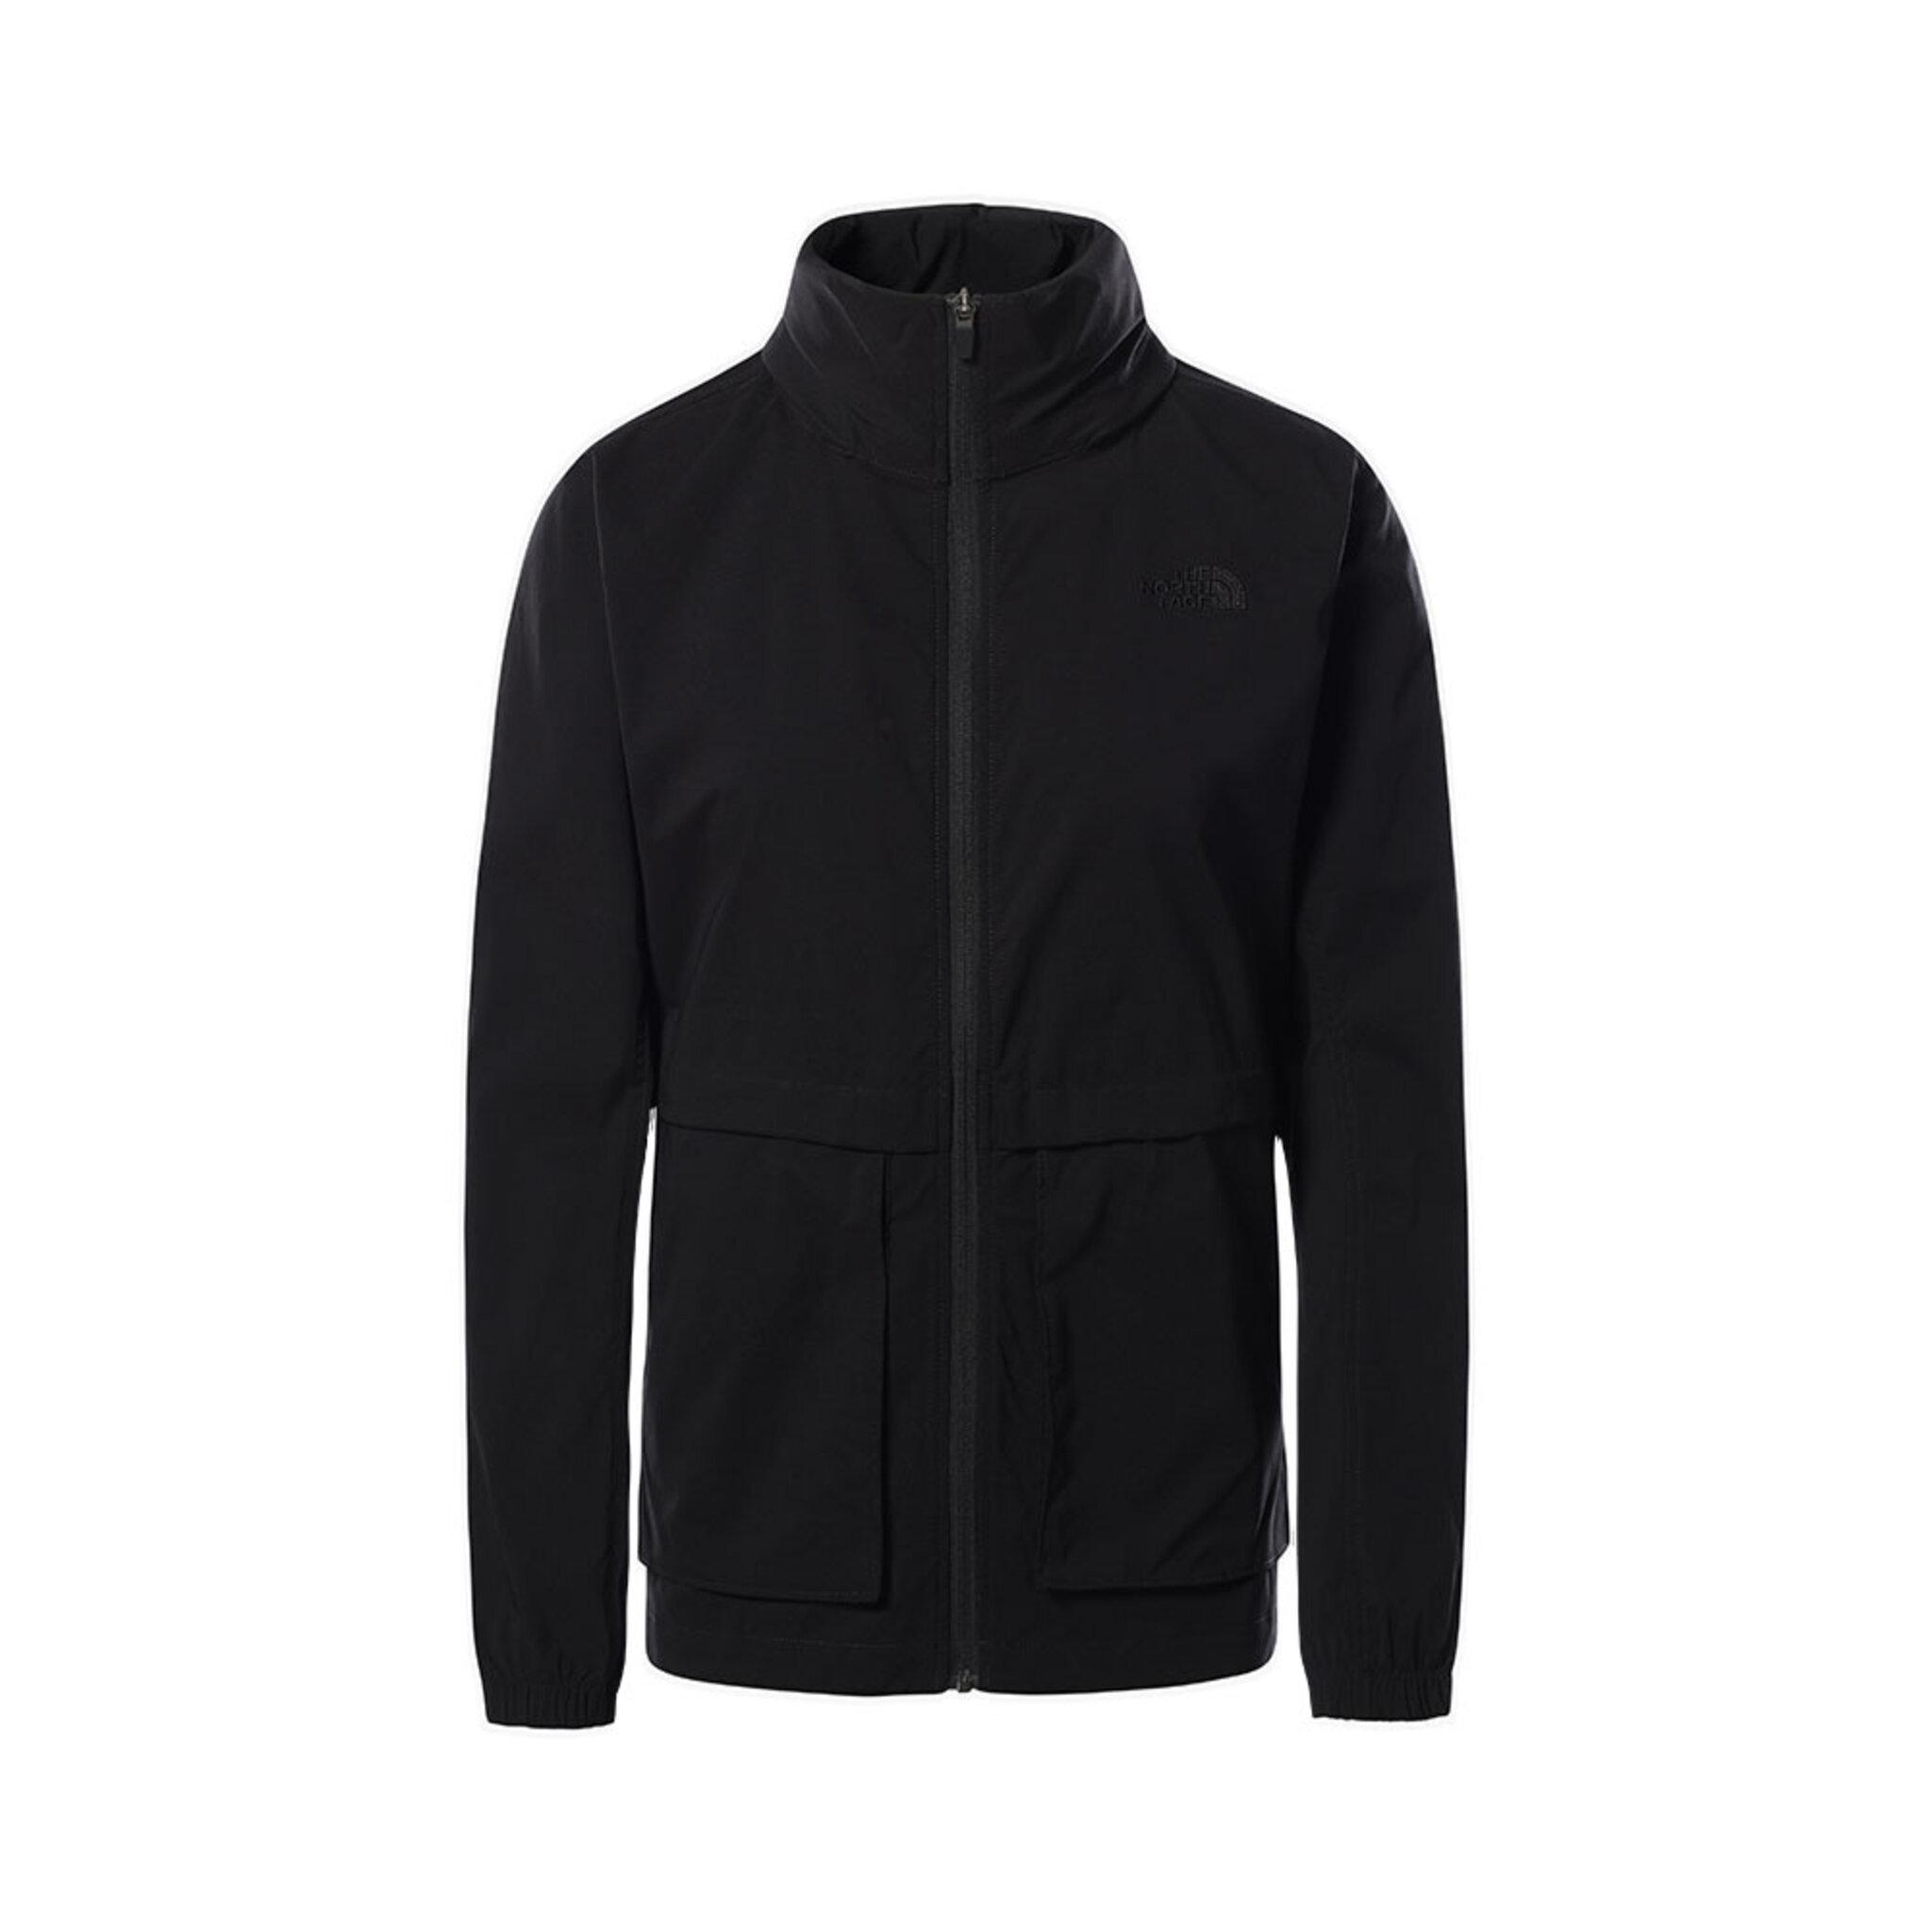 Sightseer jacket